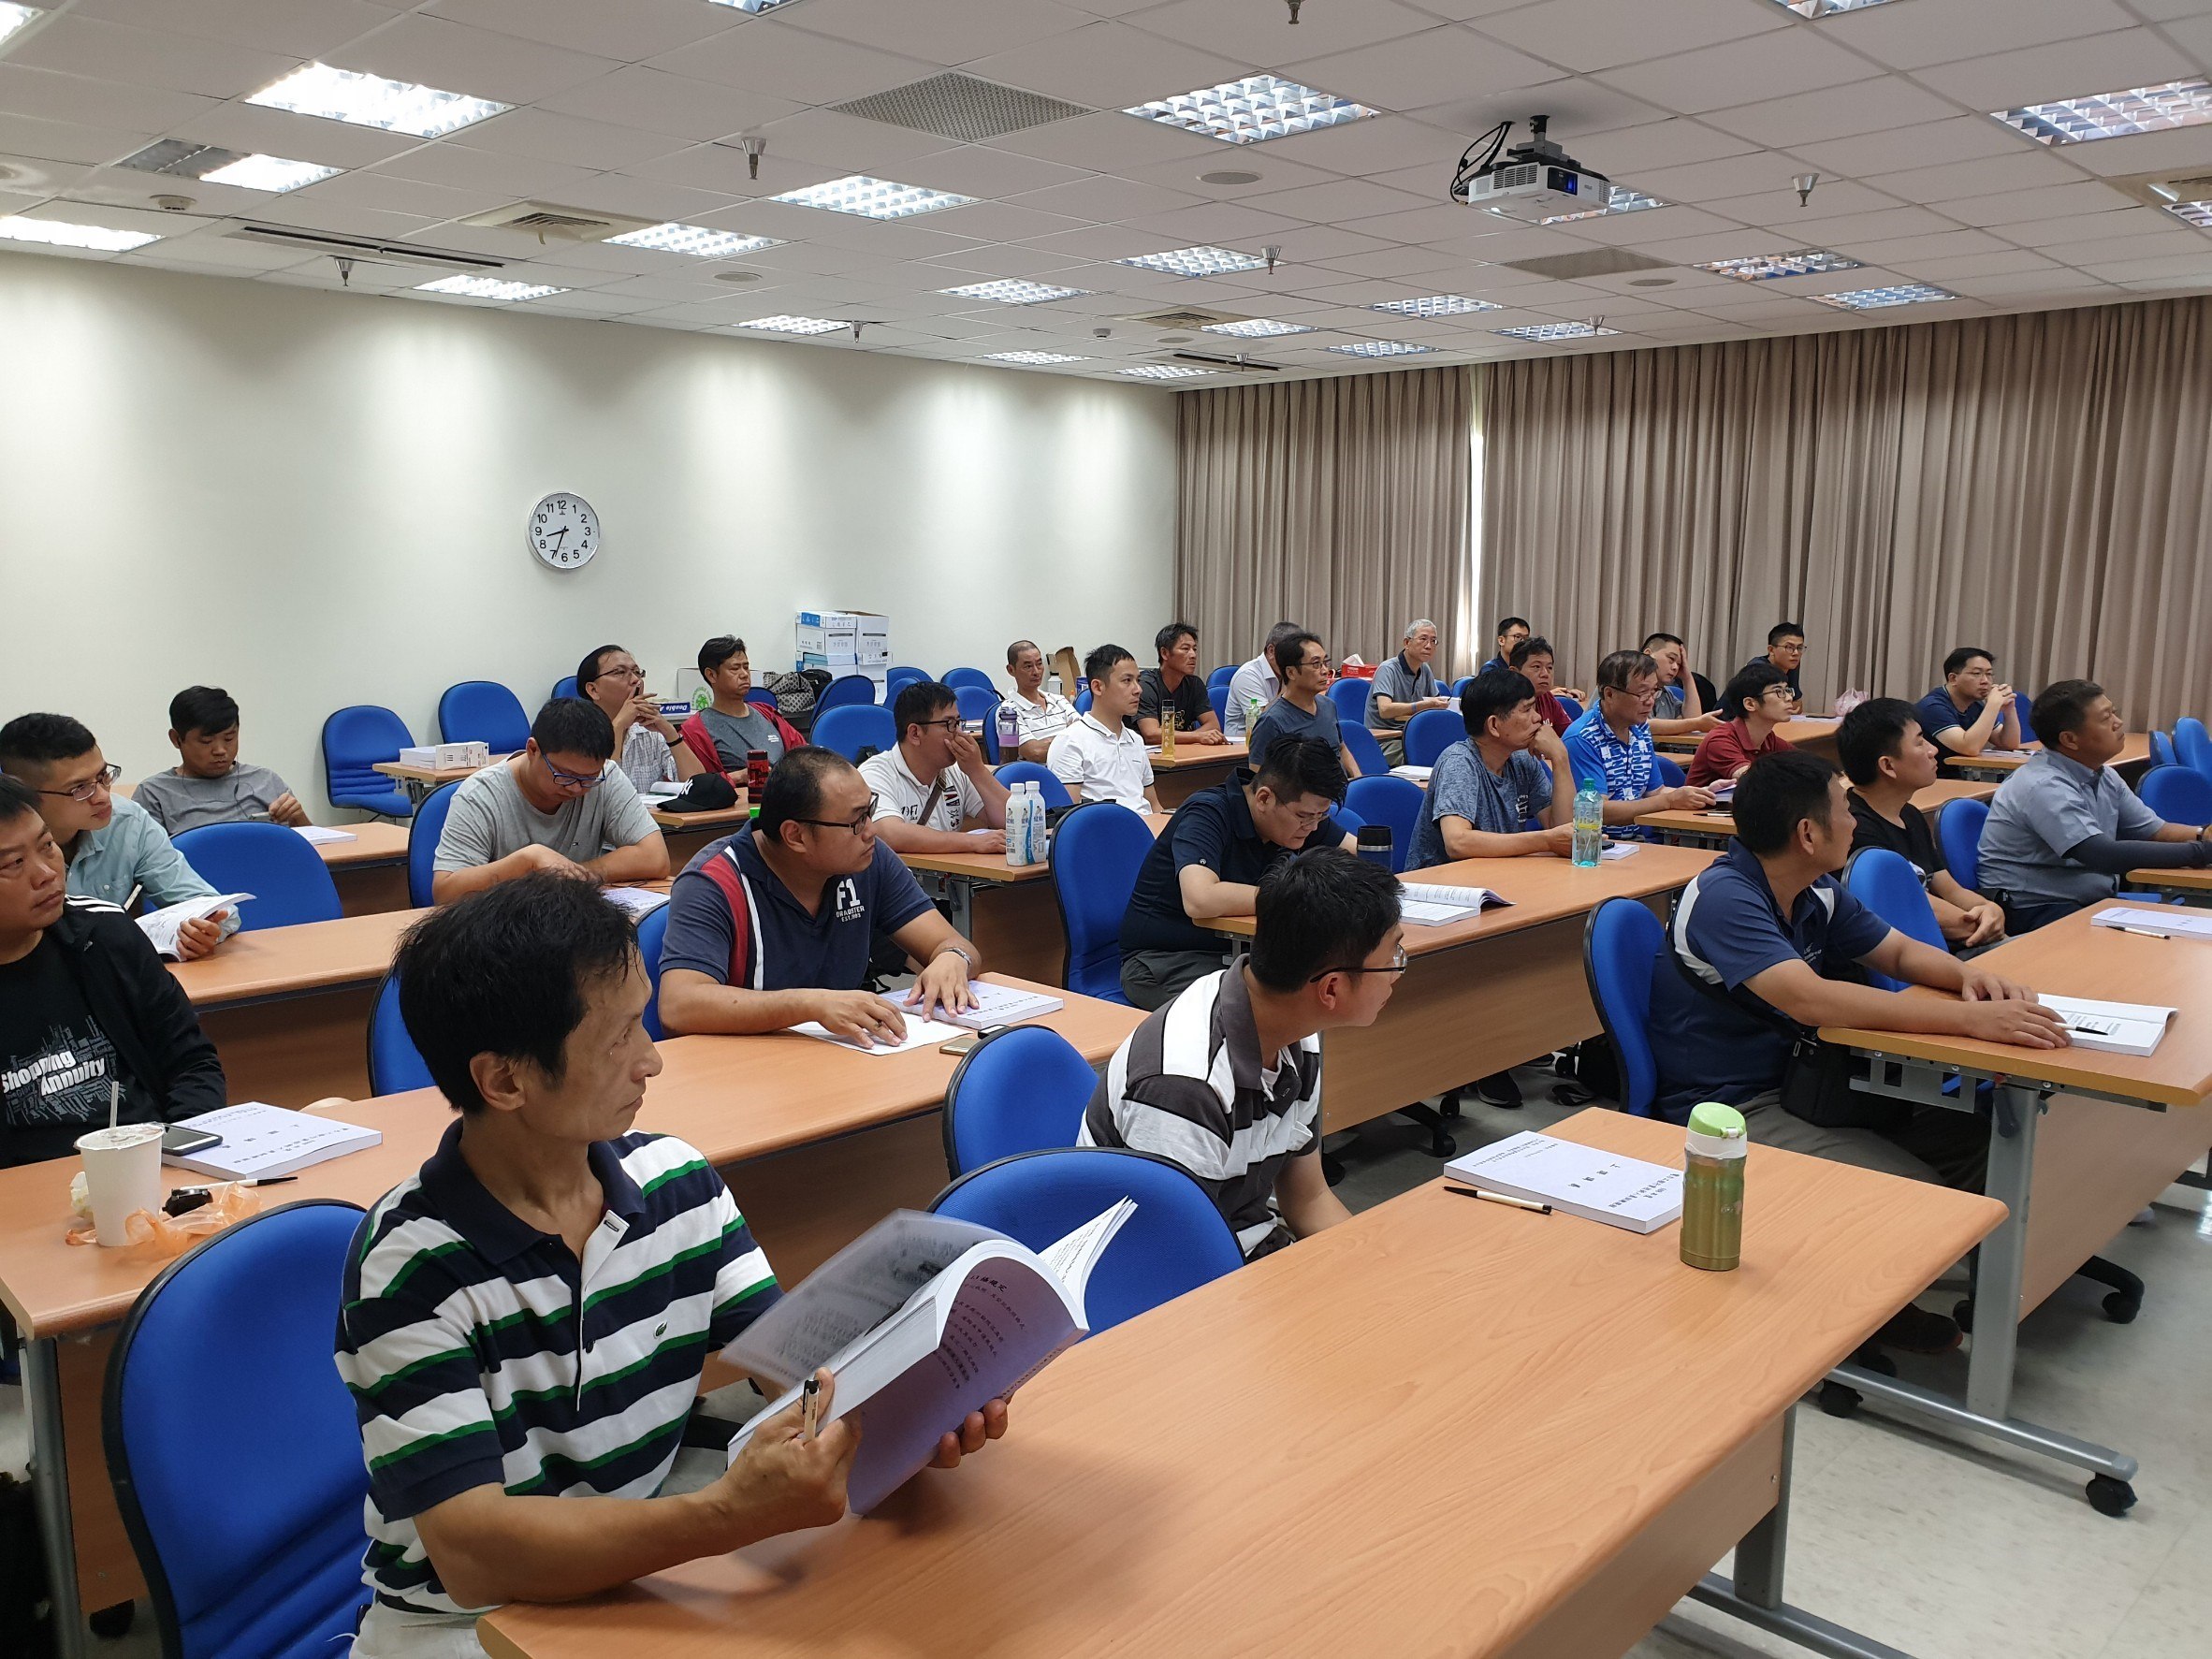 附加圖片,電力工程行業技術人員培訓課程-台北市